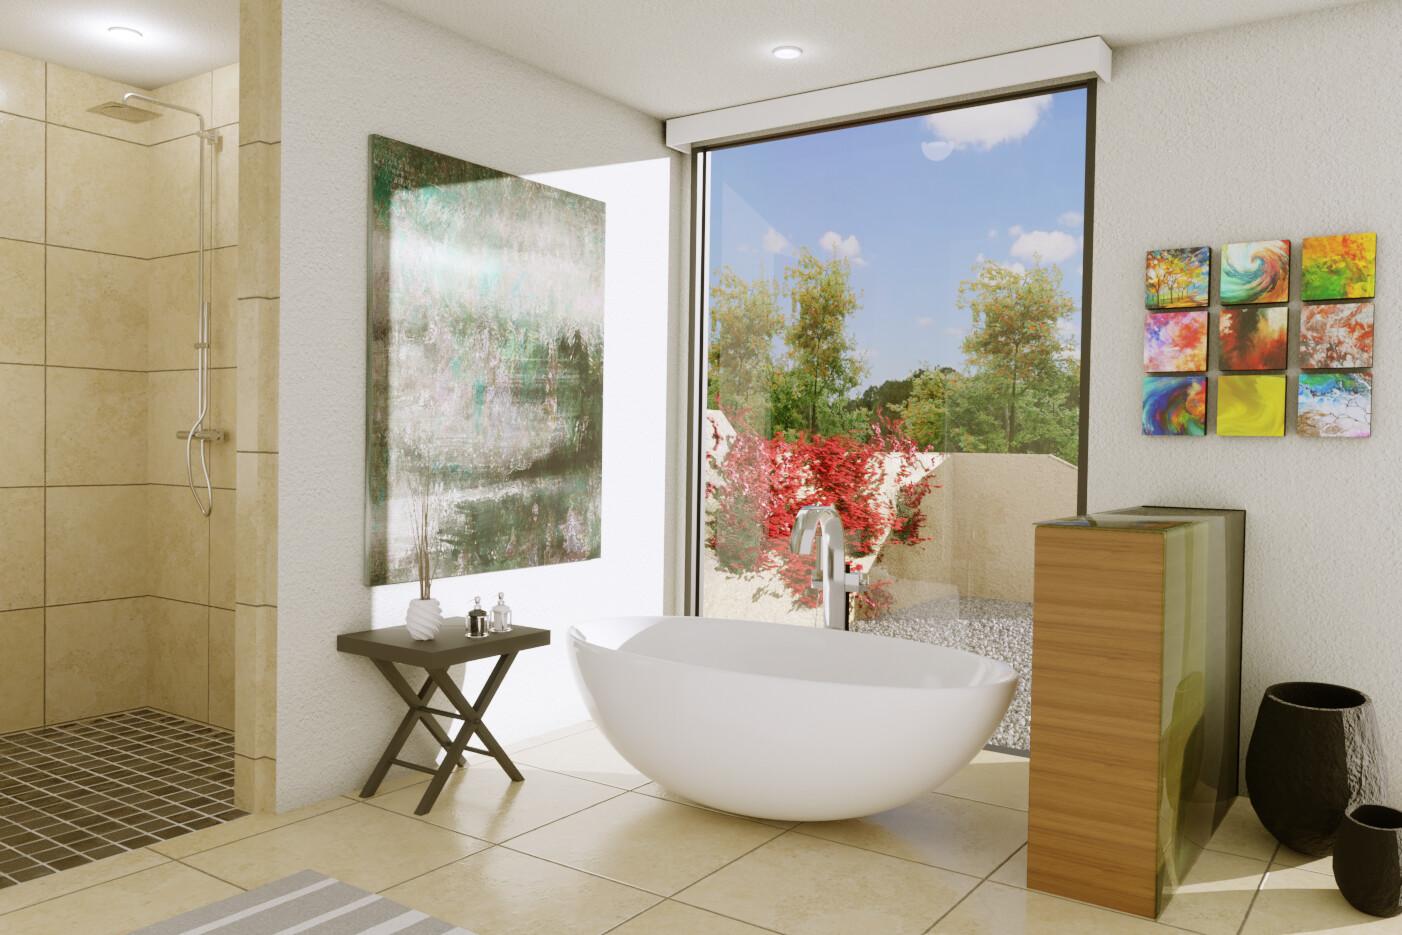 🛀 These Stunning Spanish Bathroom Décor Ideas Are Our Dream Relax Spot!  spanish bathroom décor ideas 🛀 These Stunning Spanish Bathroom Décor Ideas Are Our Dream Relax Spot! 10 4